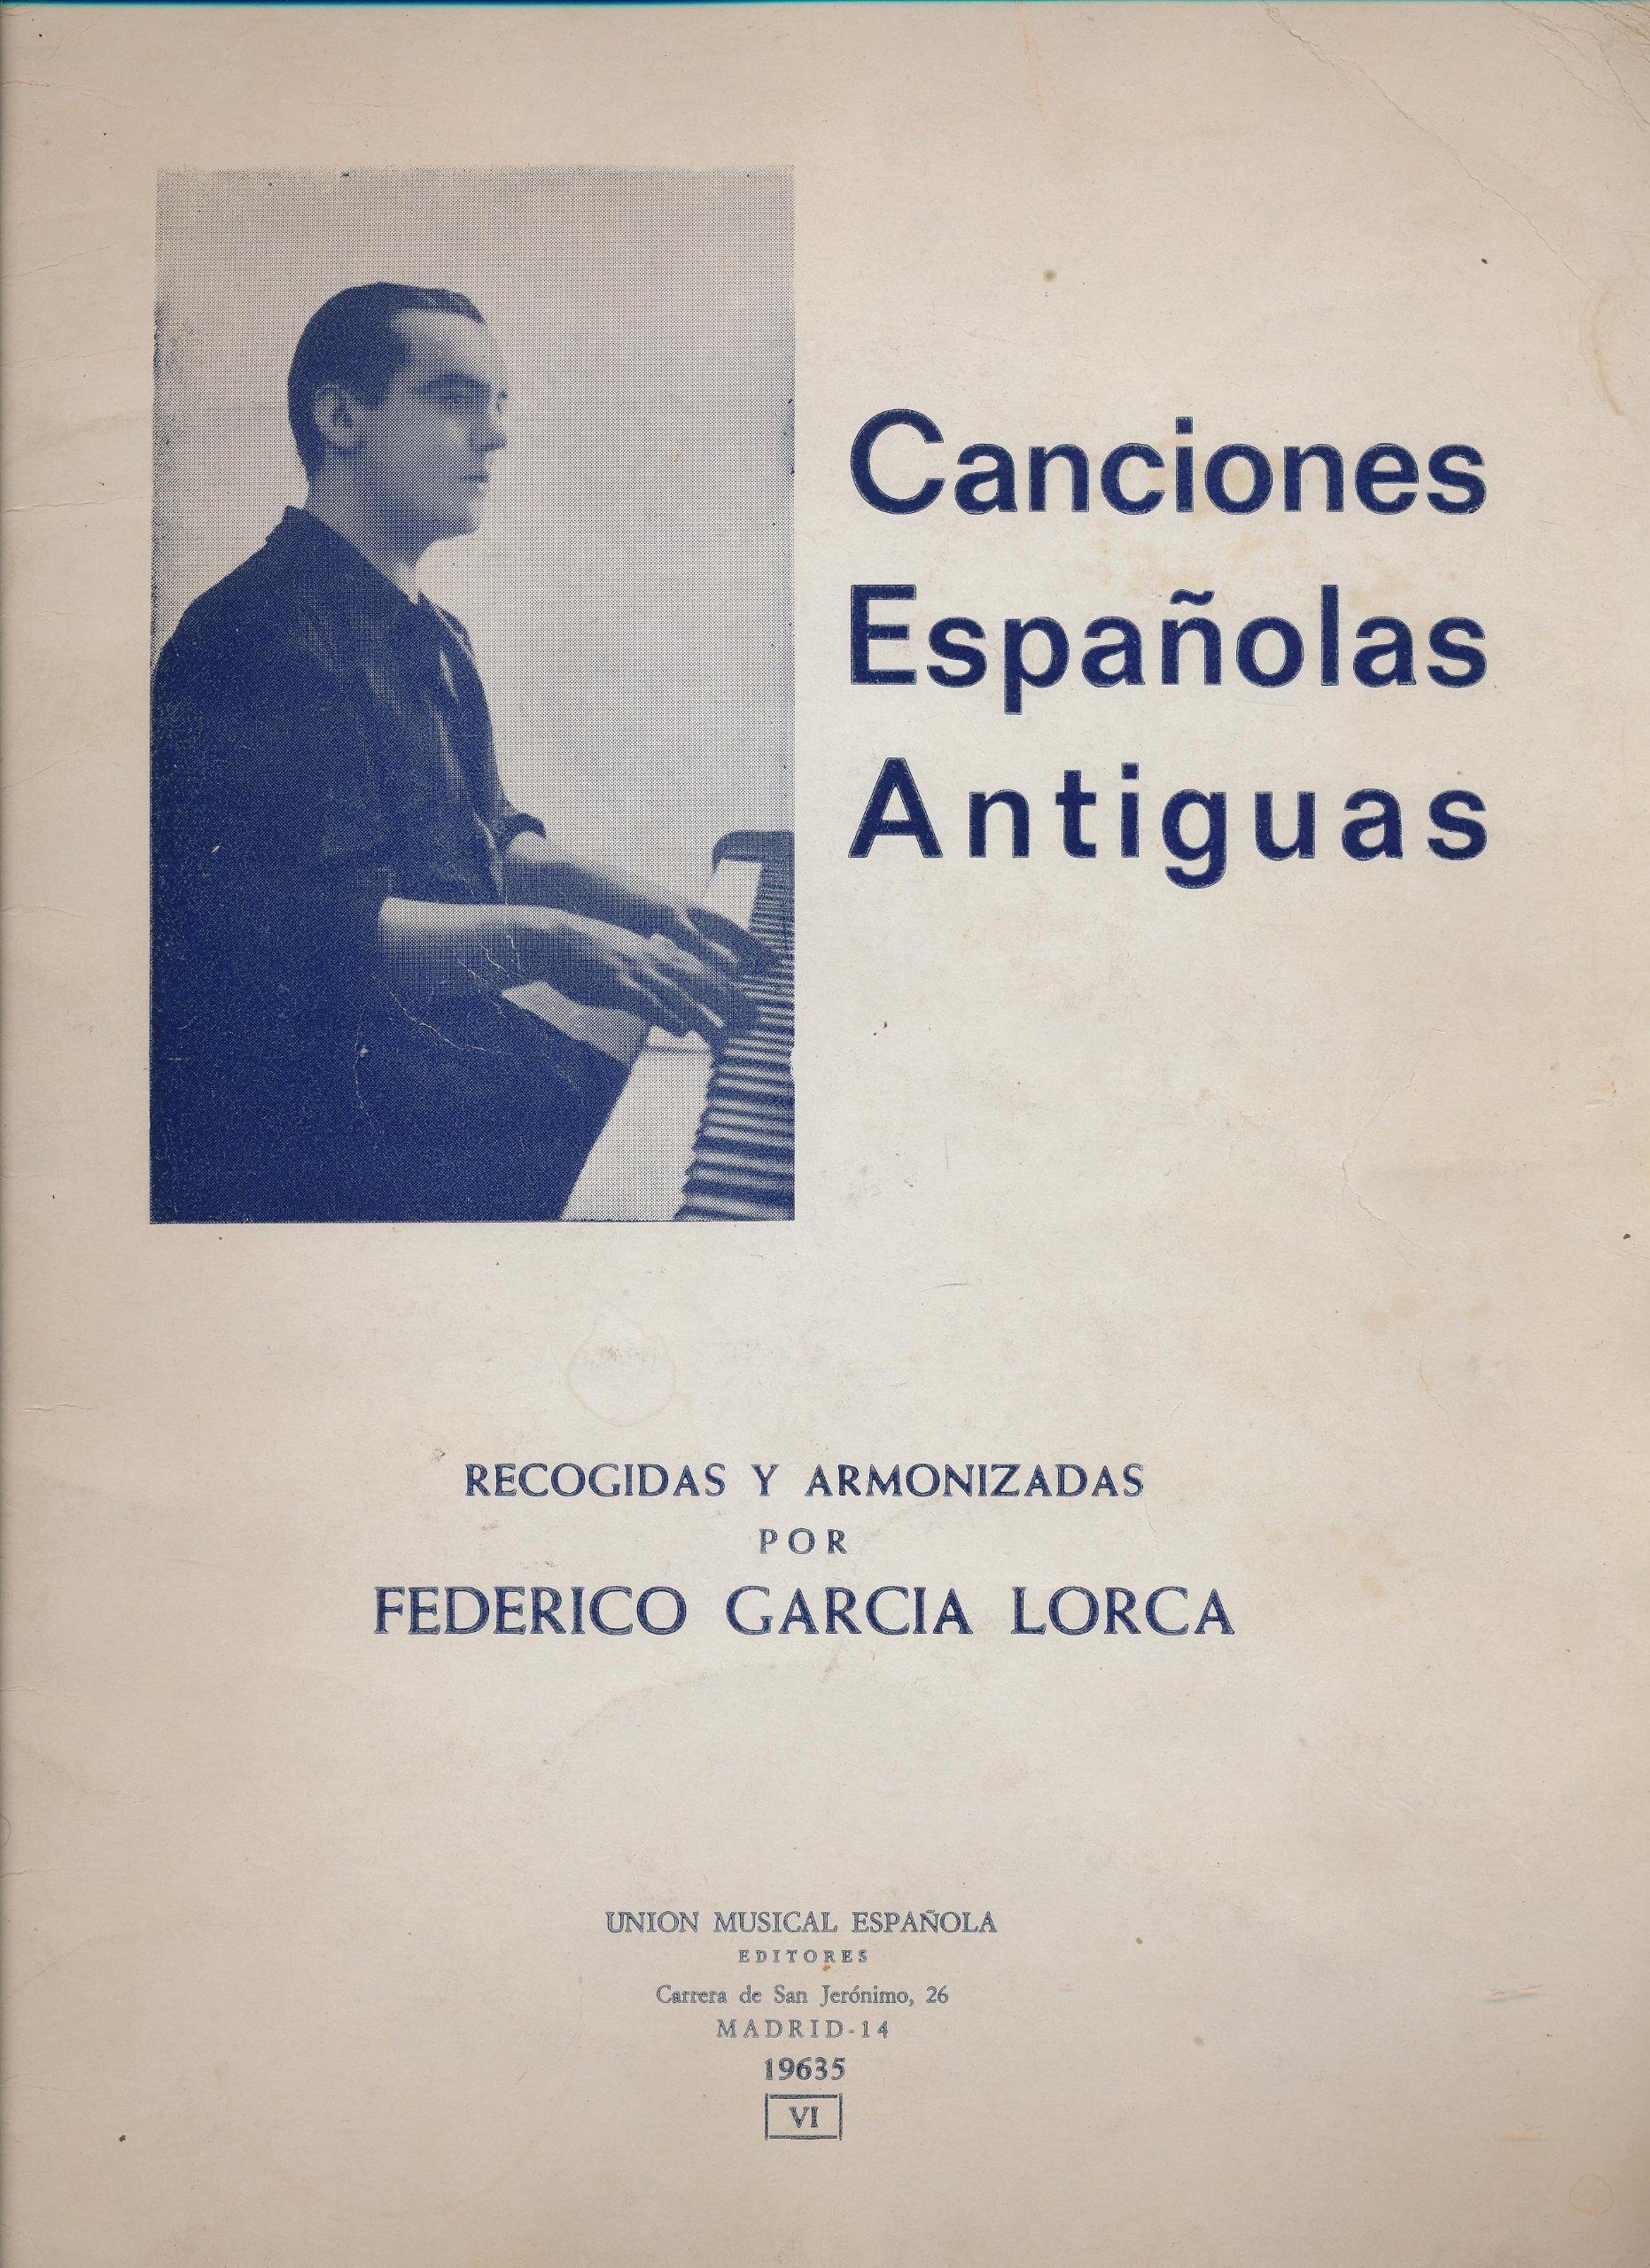 canciones espaoles antiguas recogidas y armonizadas por federico garcia lorca